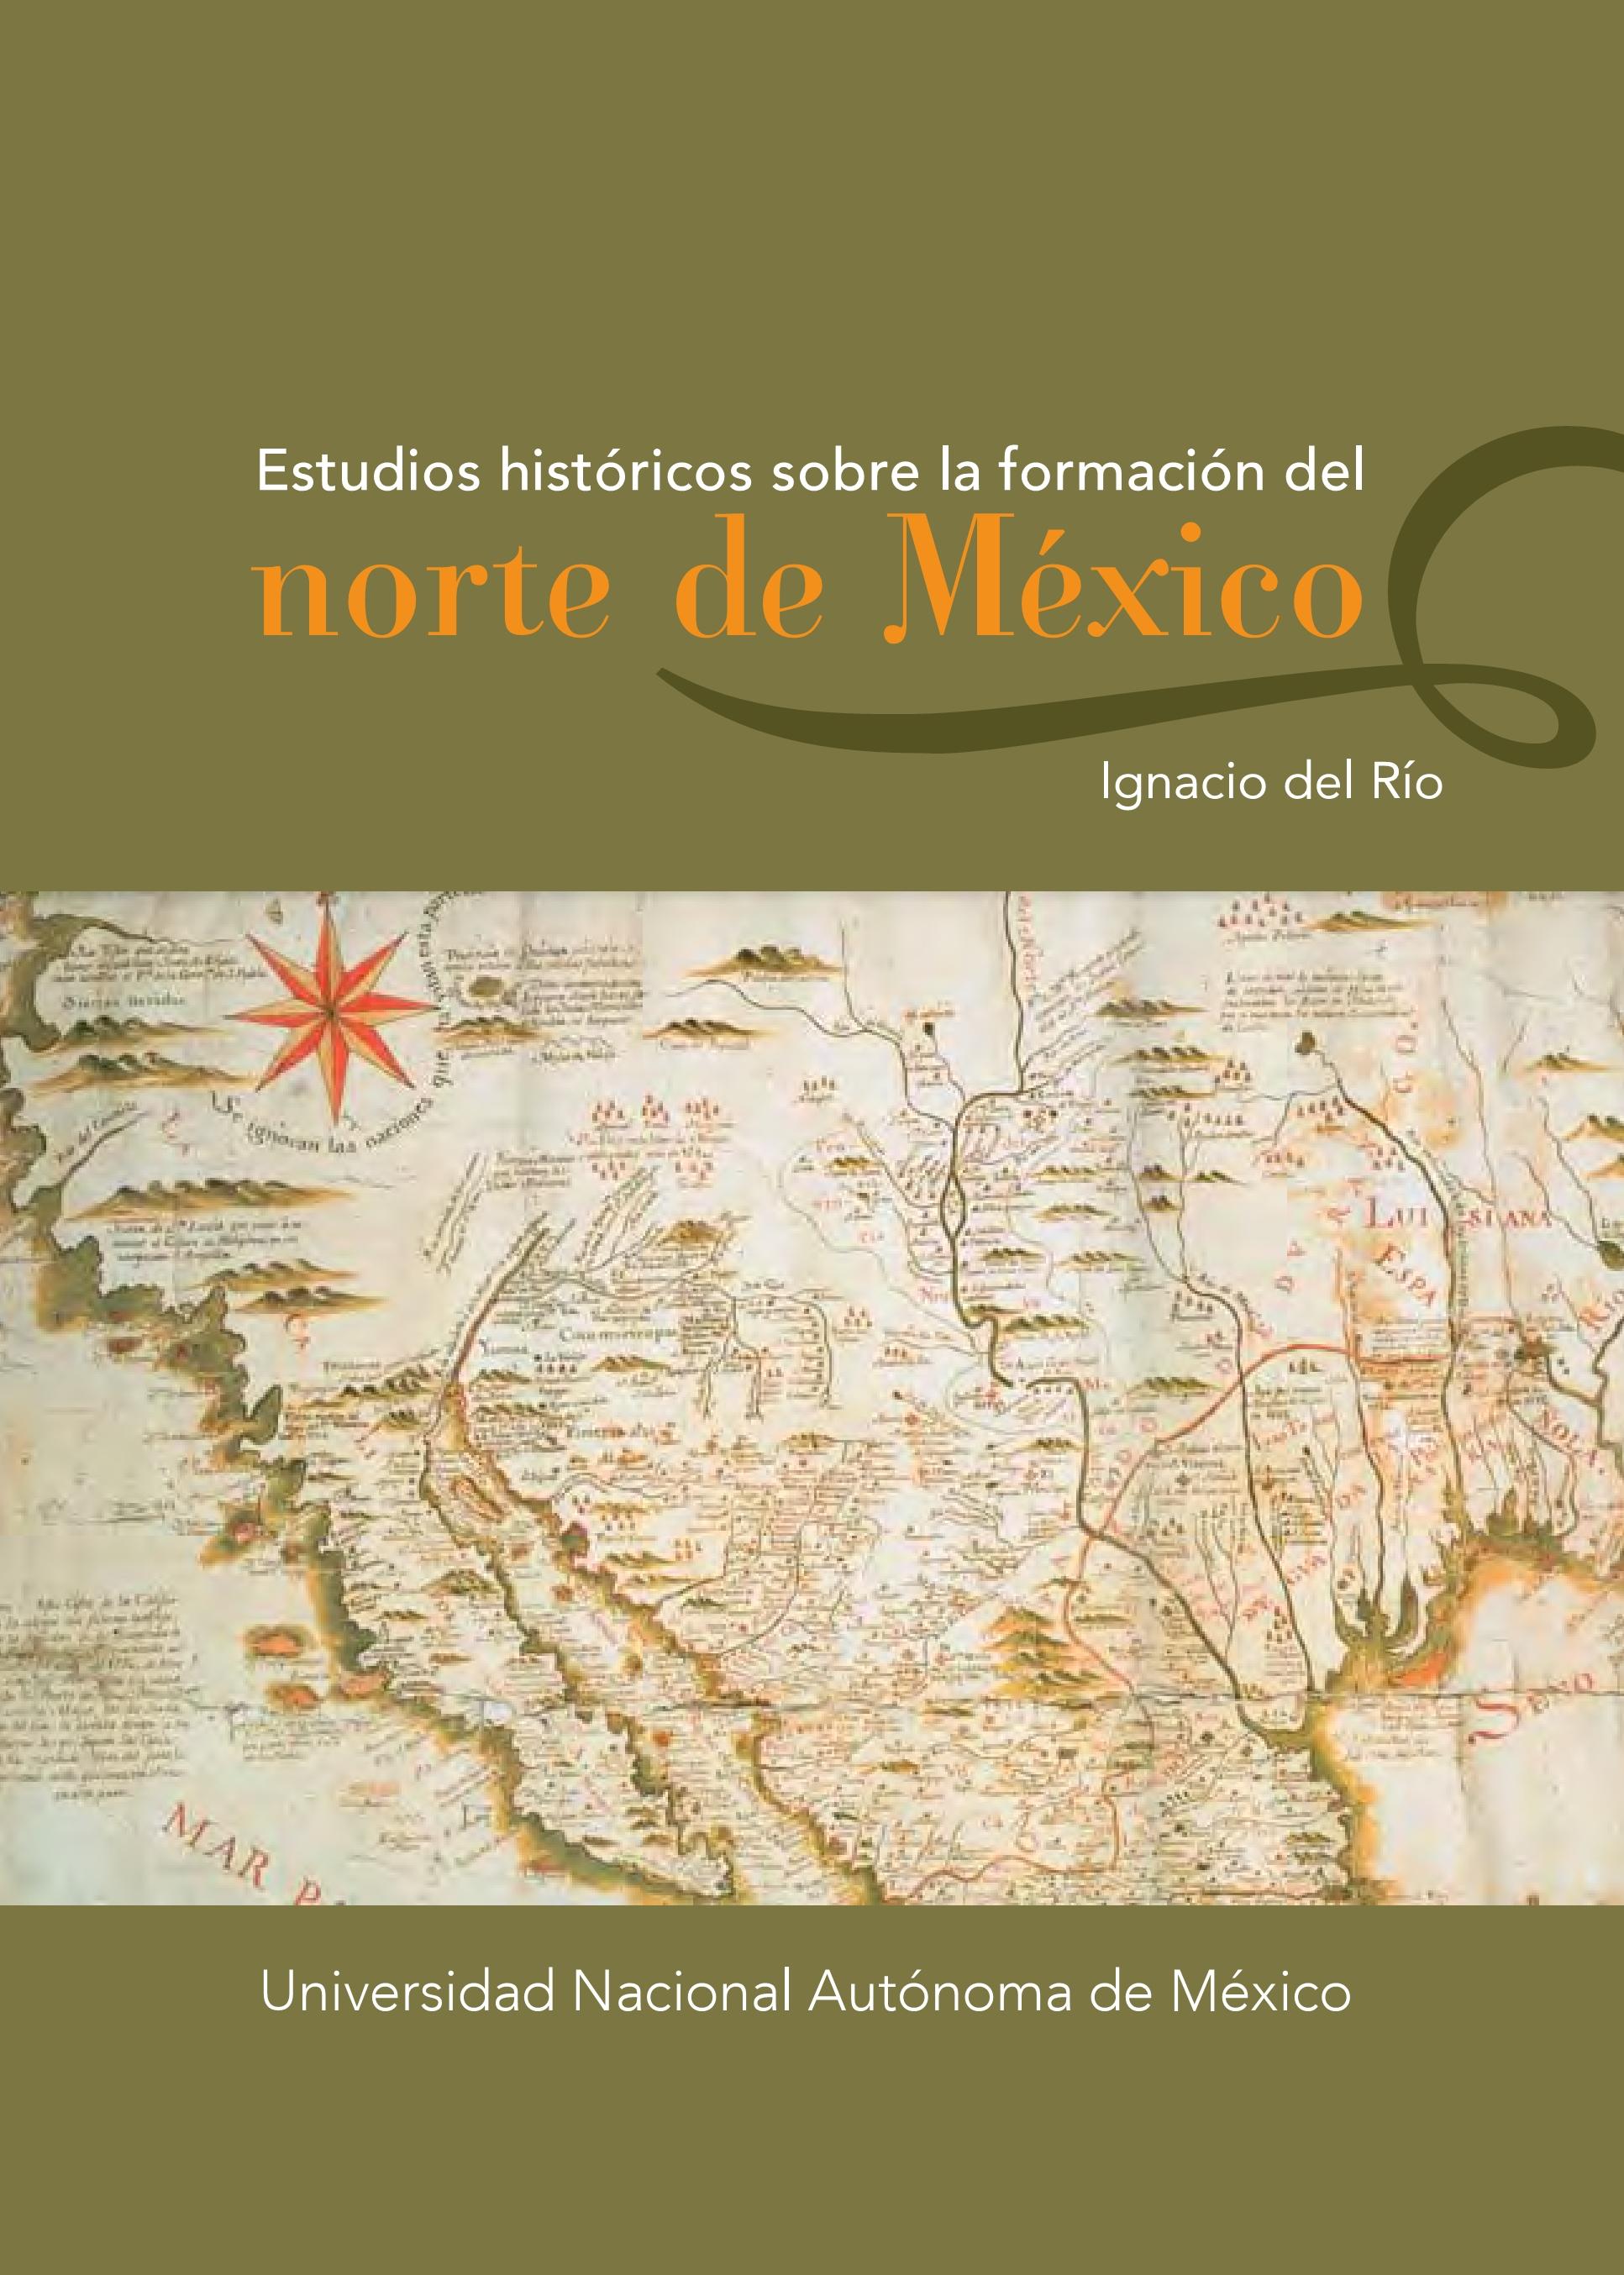 Estudios históricos sobre la formación del norte de México